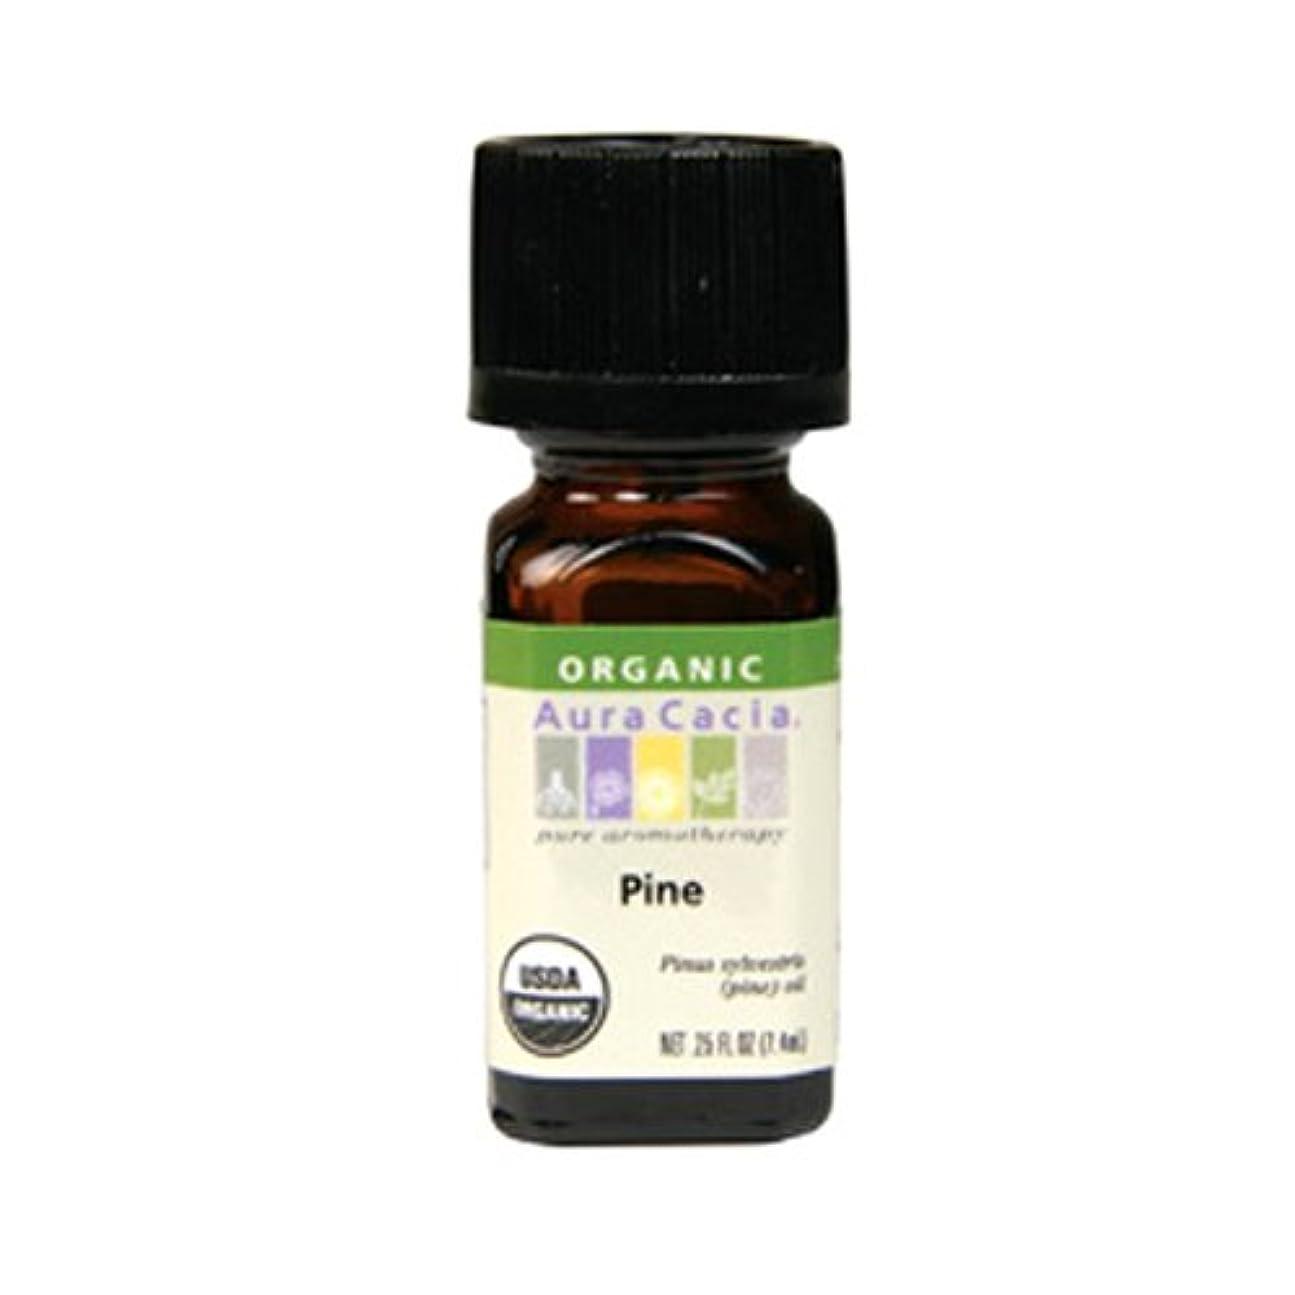 手のひら切り離す電報Aura Cacia Essential Oil Pine, Pine 7.5 ml (並行輸入品)